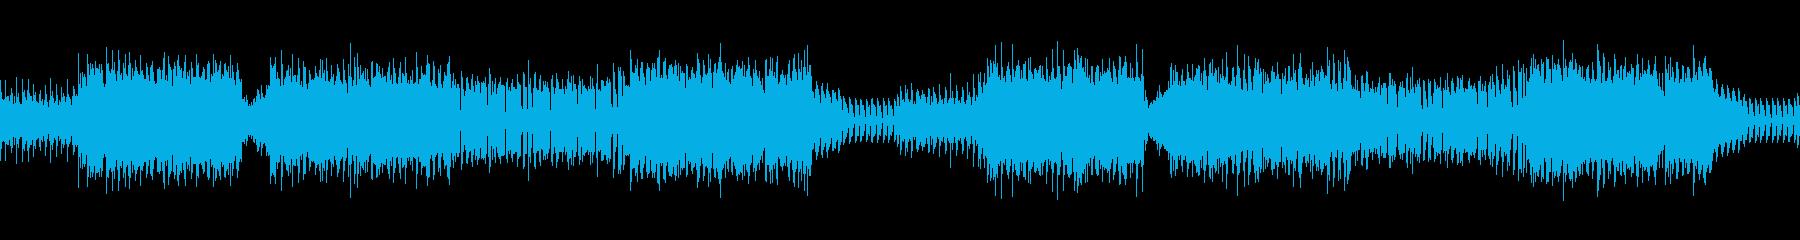 【ループ可】軽快なトランスの再生済みの波形